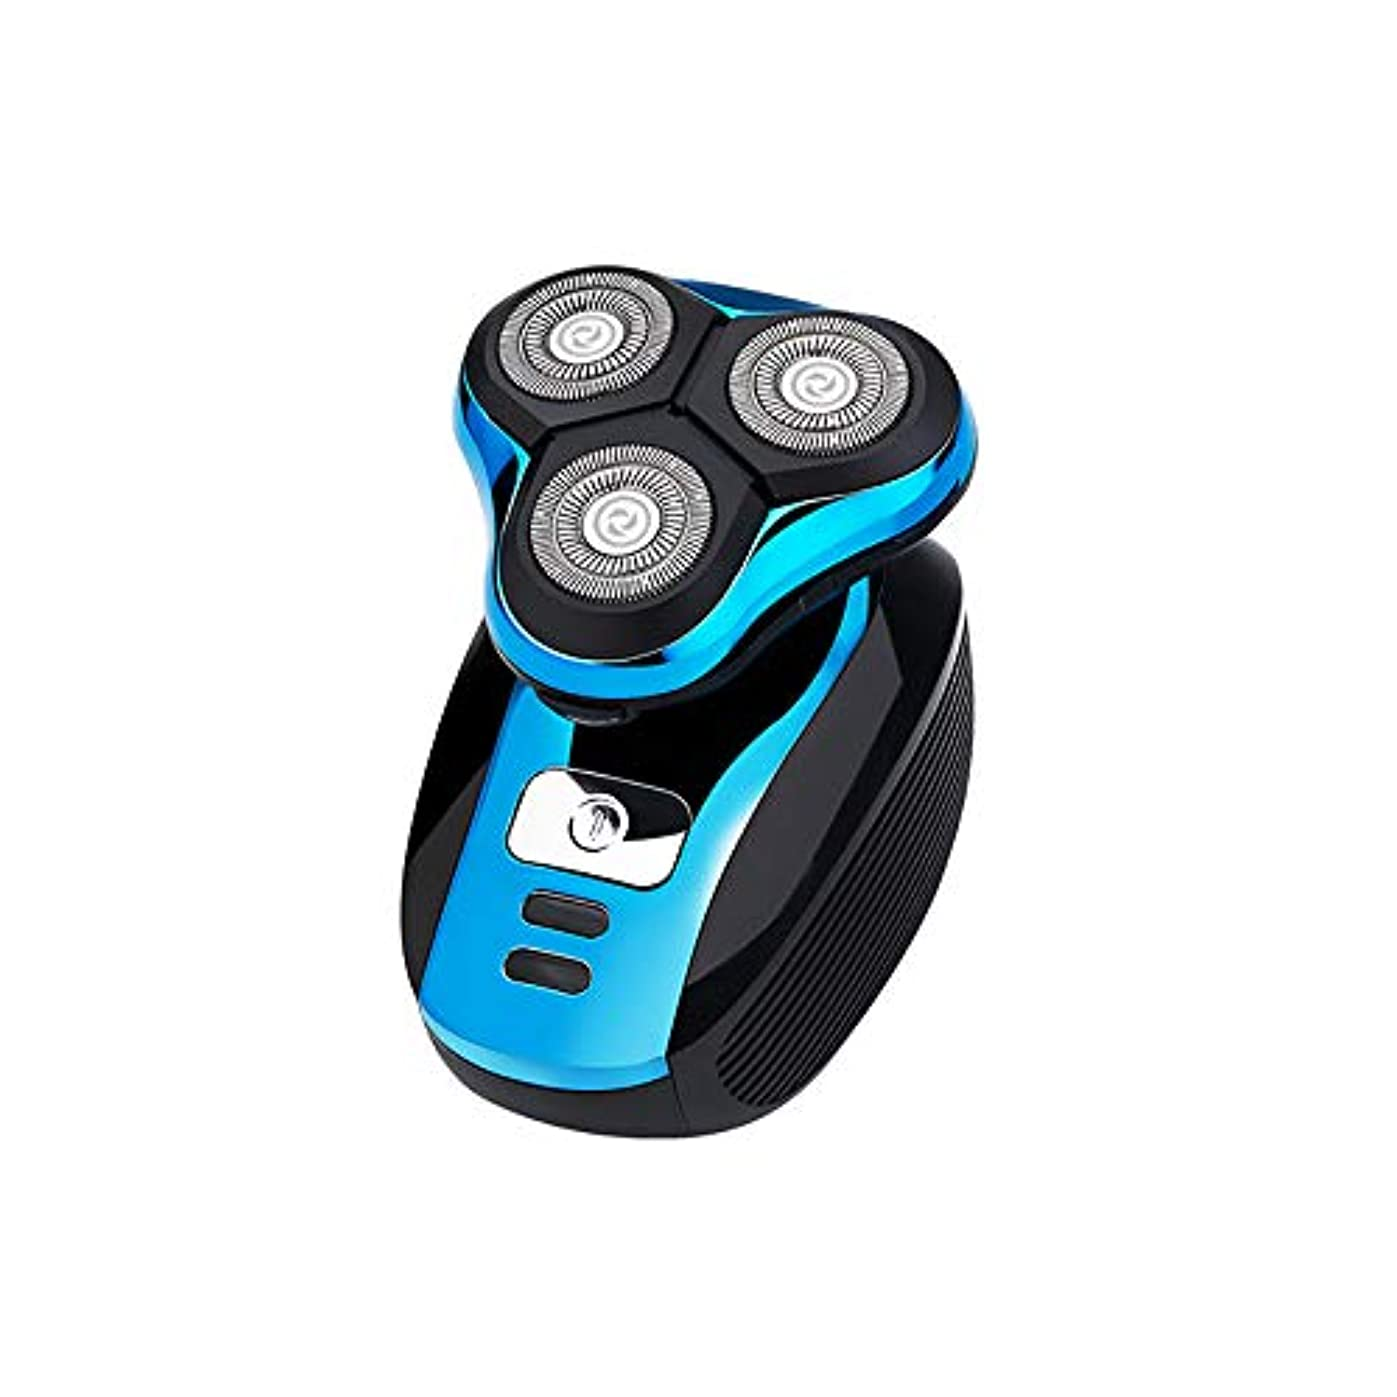 悲観主義者クスクス注文メンズ電気シェーバーカミソリ、3つのカッターヘッドを浮動シェーバー2019新しい無線誘導充電式ボディウォッシュかみそり